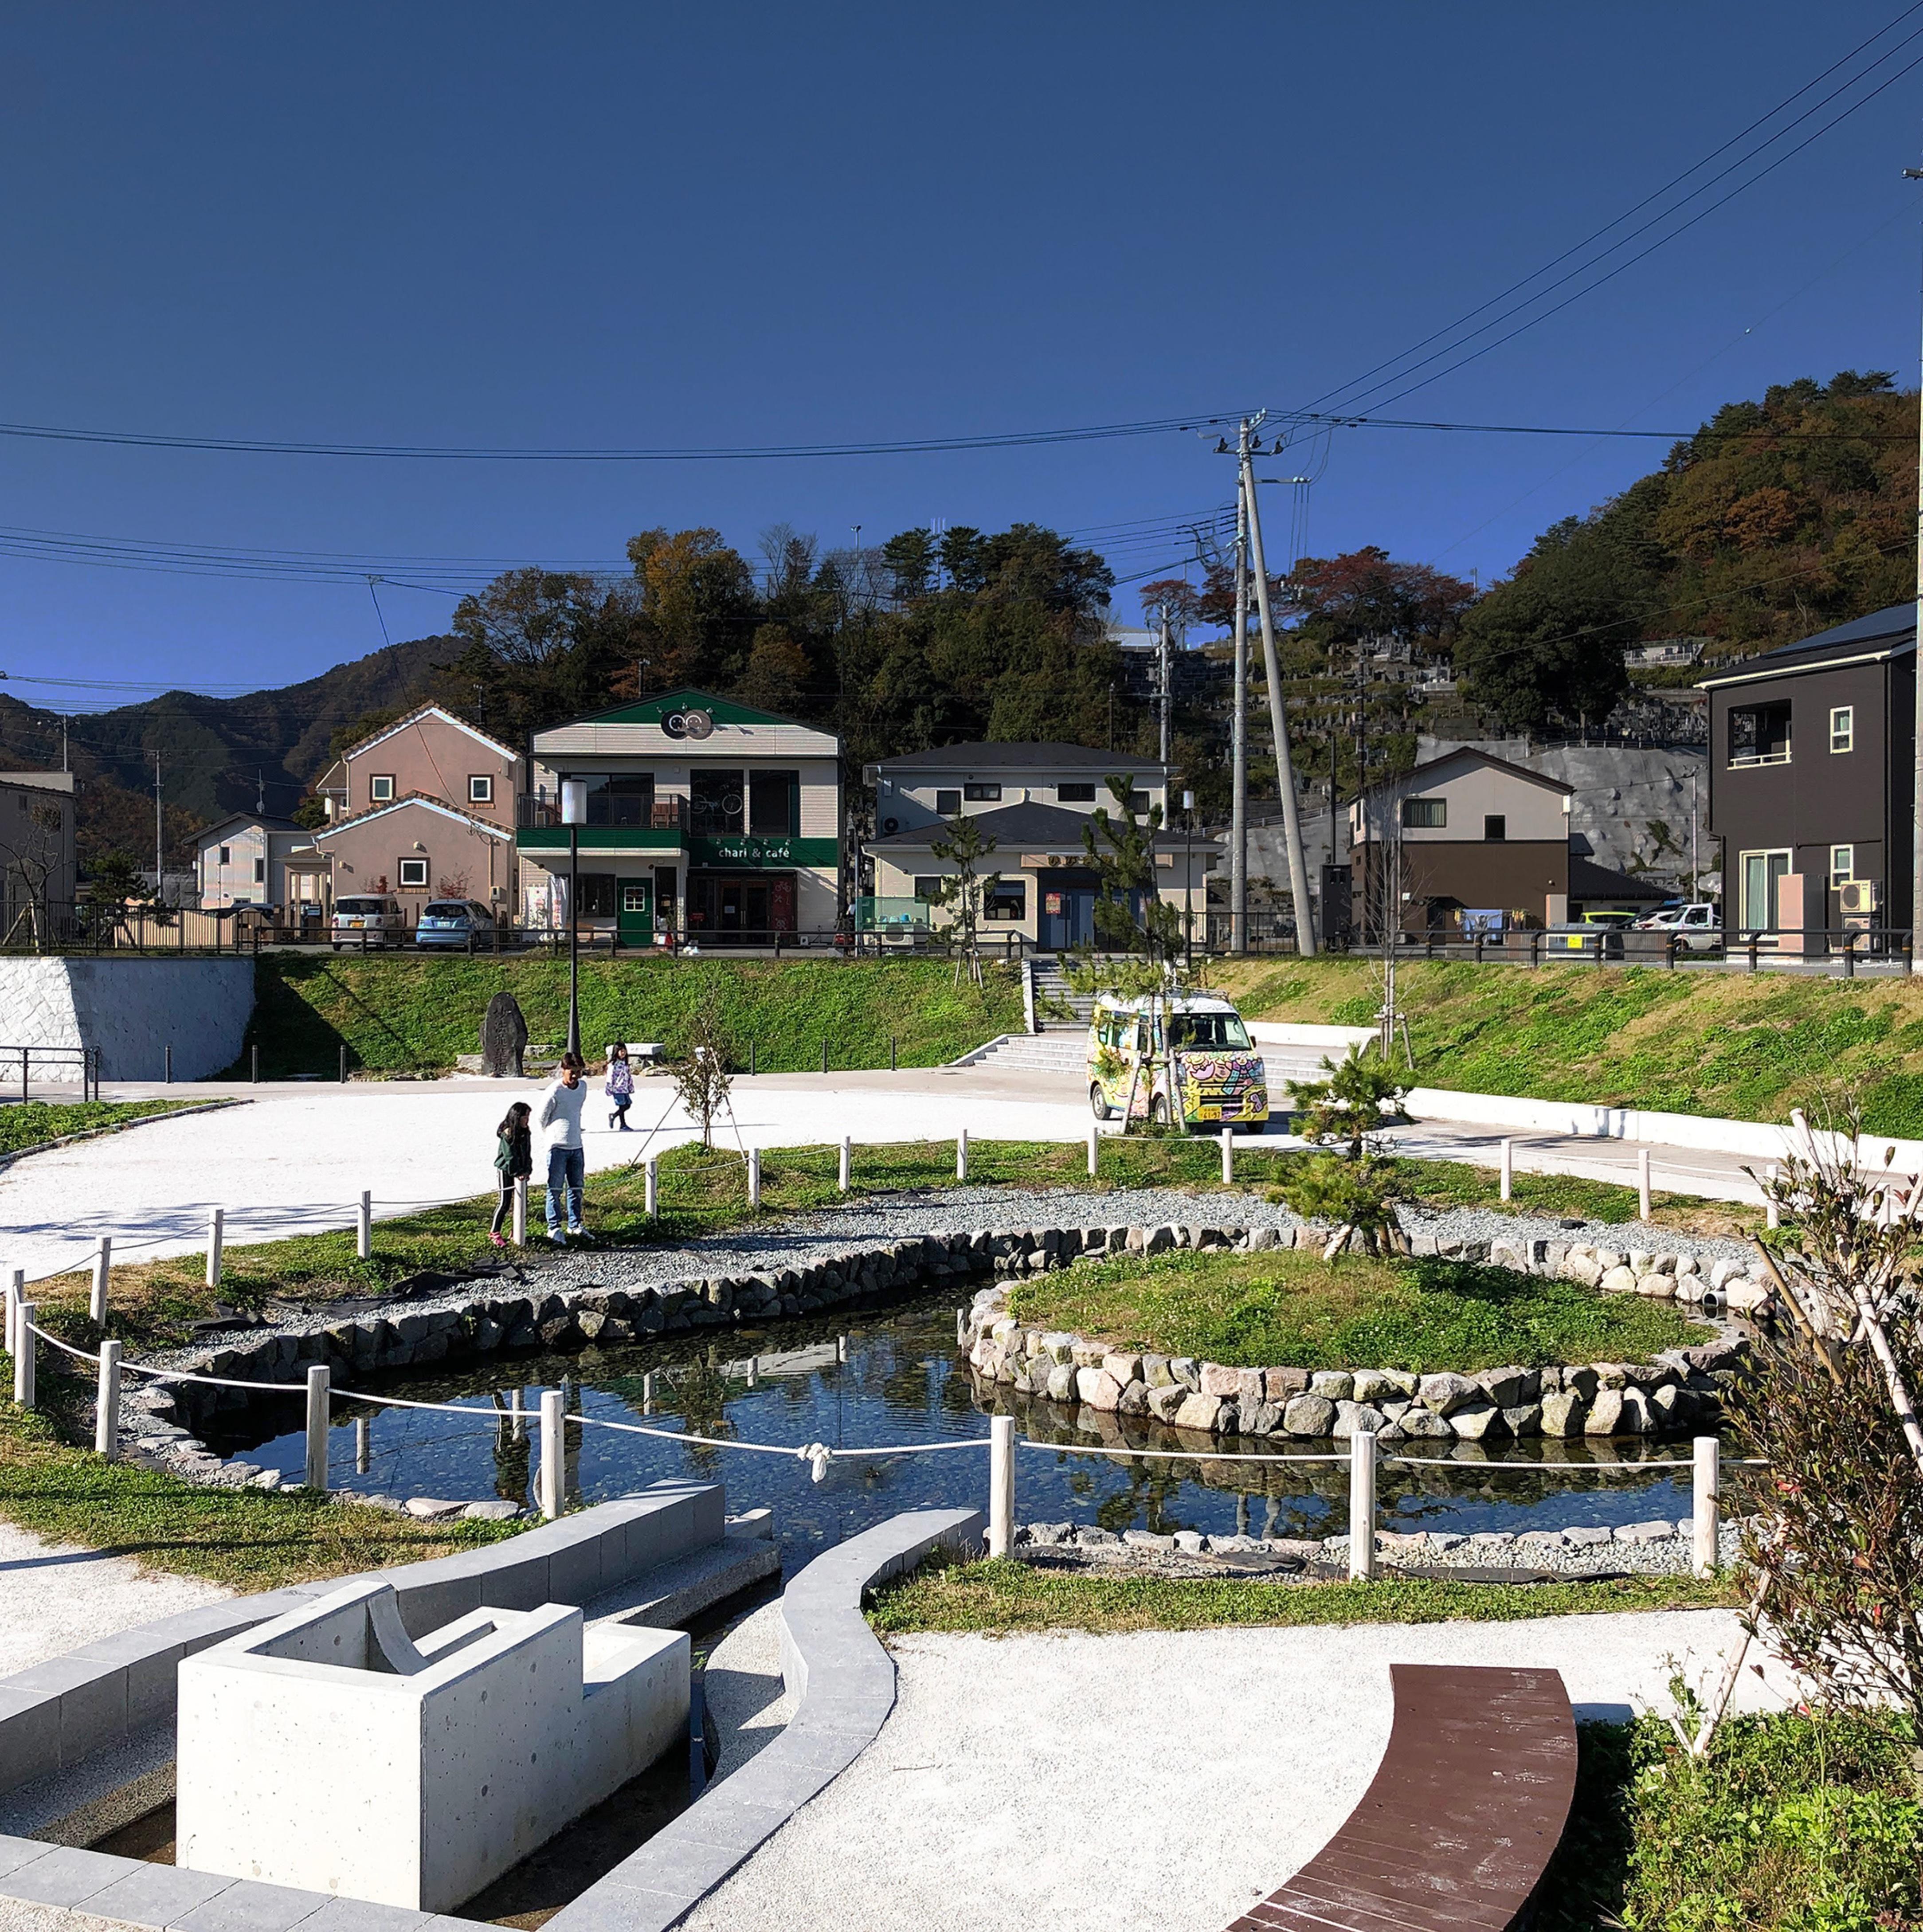 御社地公園が2020年度グッドデザイン賞を受賞しました - 大槌町行政サイト